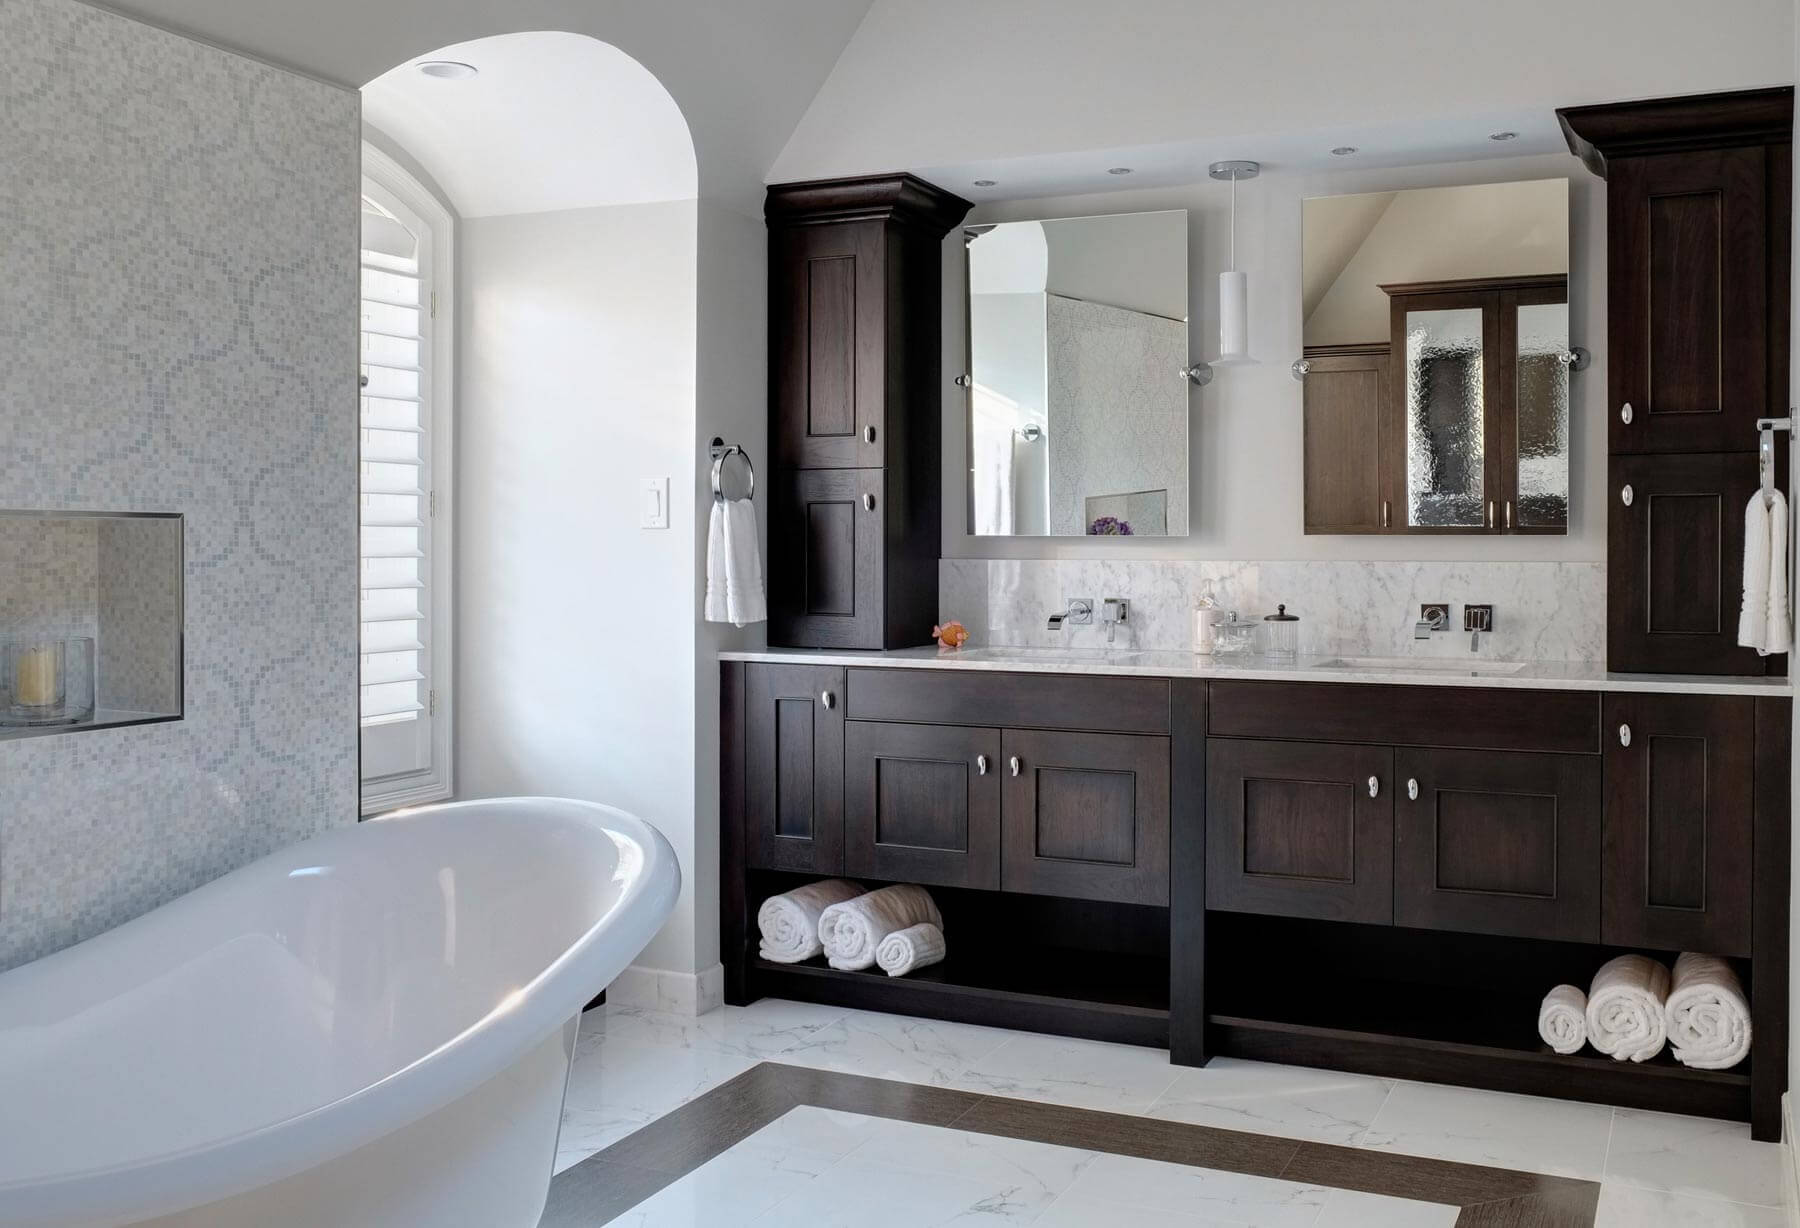 Le contraste entre les armoires en hickory foncé et le marbre clair définit cette grande salle de bain ouverte.  Le mur de carreaux de mosaïque se trouve à côté de la baignoire blanche sur piédestal, tandis que la double vanité avec miroirs inclinables flotte au-dessus du dosseret en marbre.